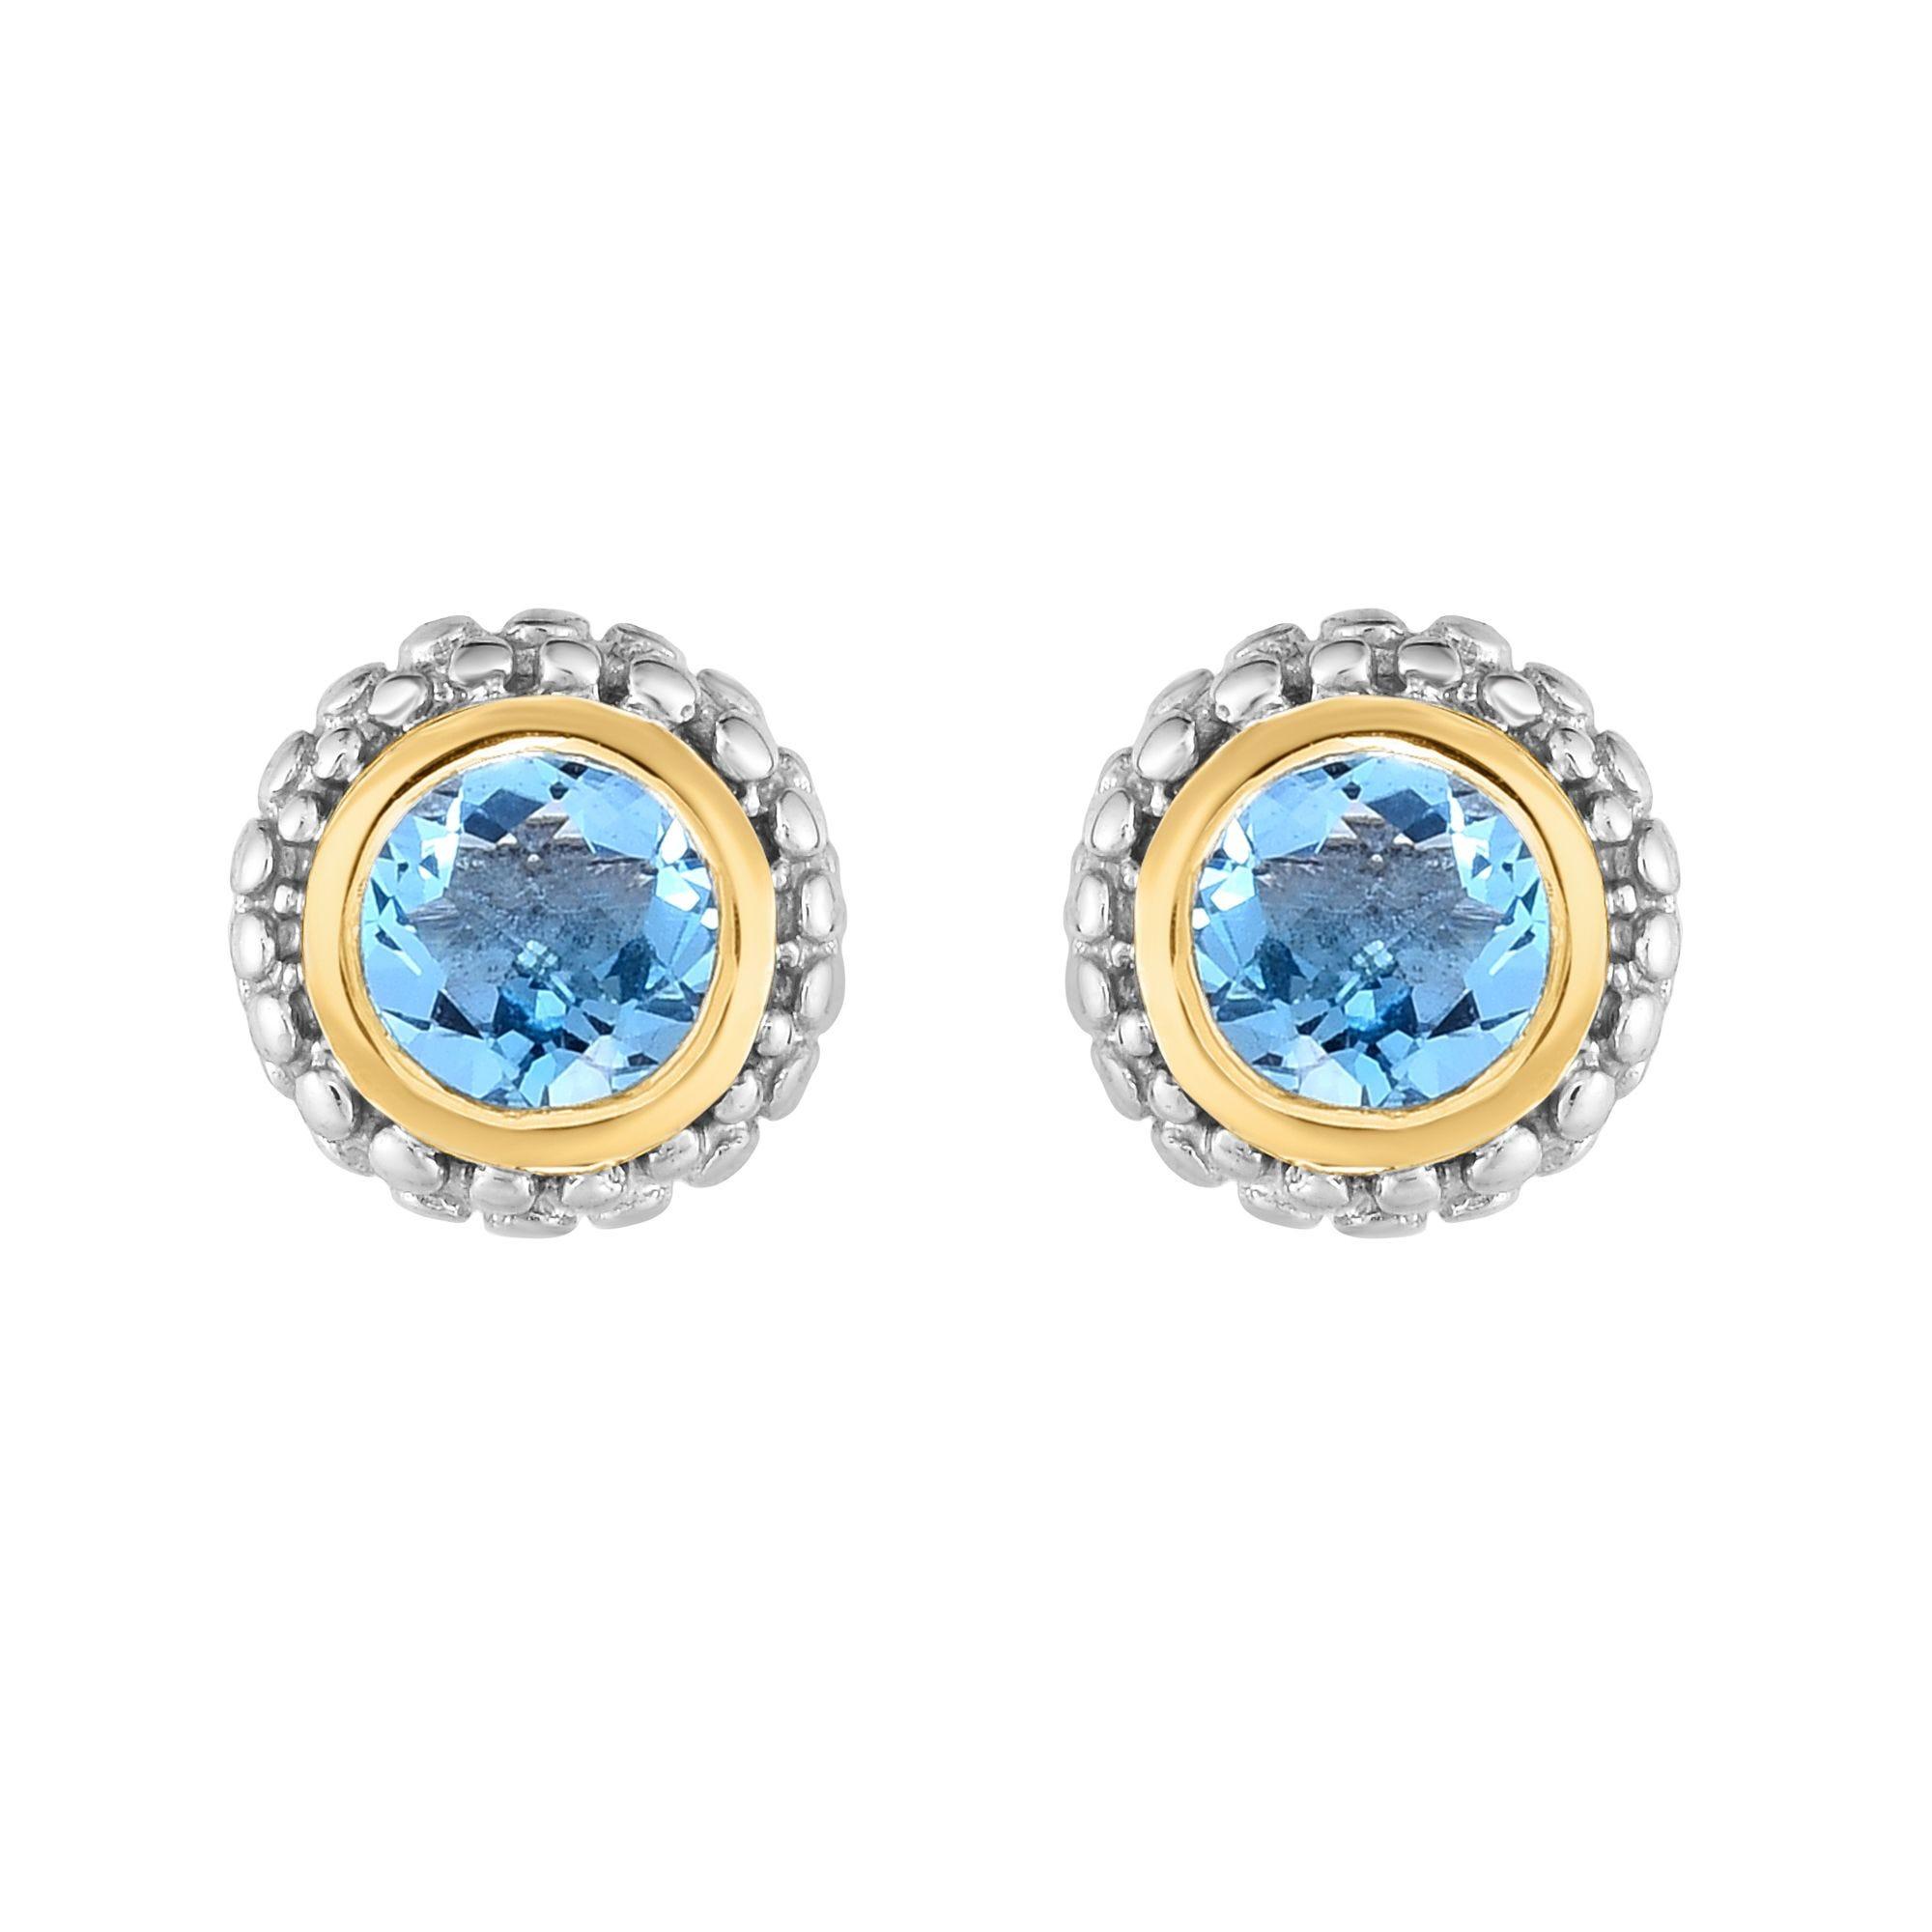 Blue Topaz Double Halo Earrings in Sterling Silver